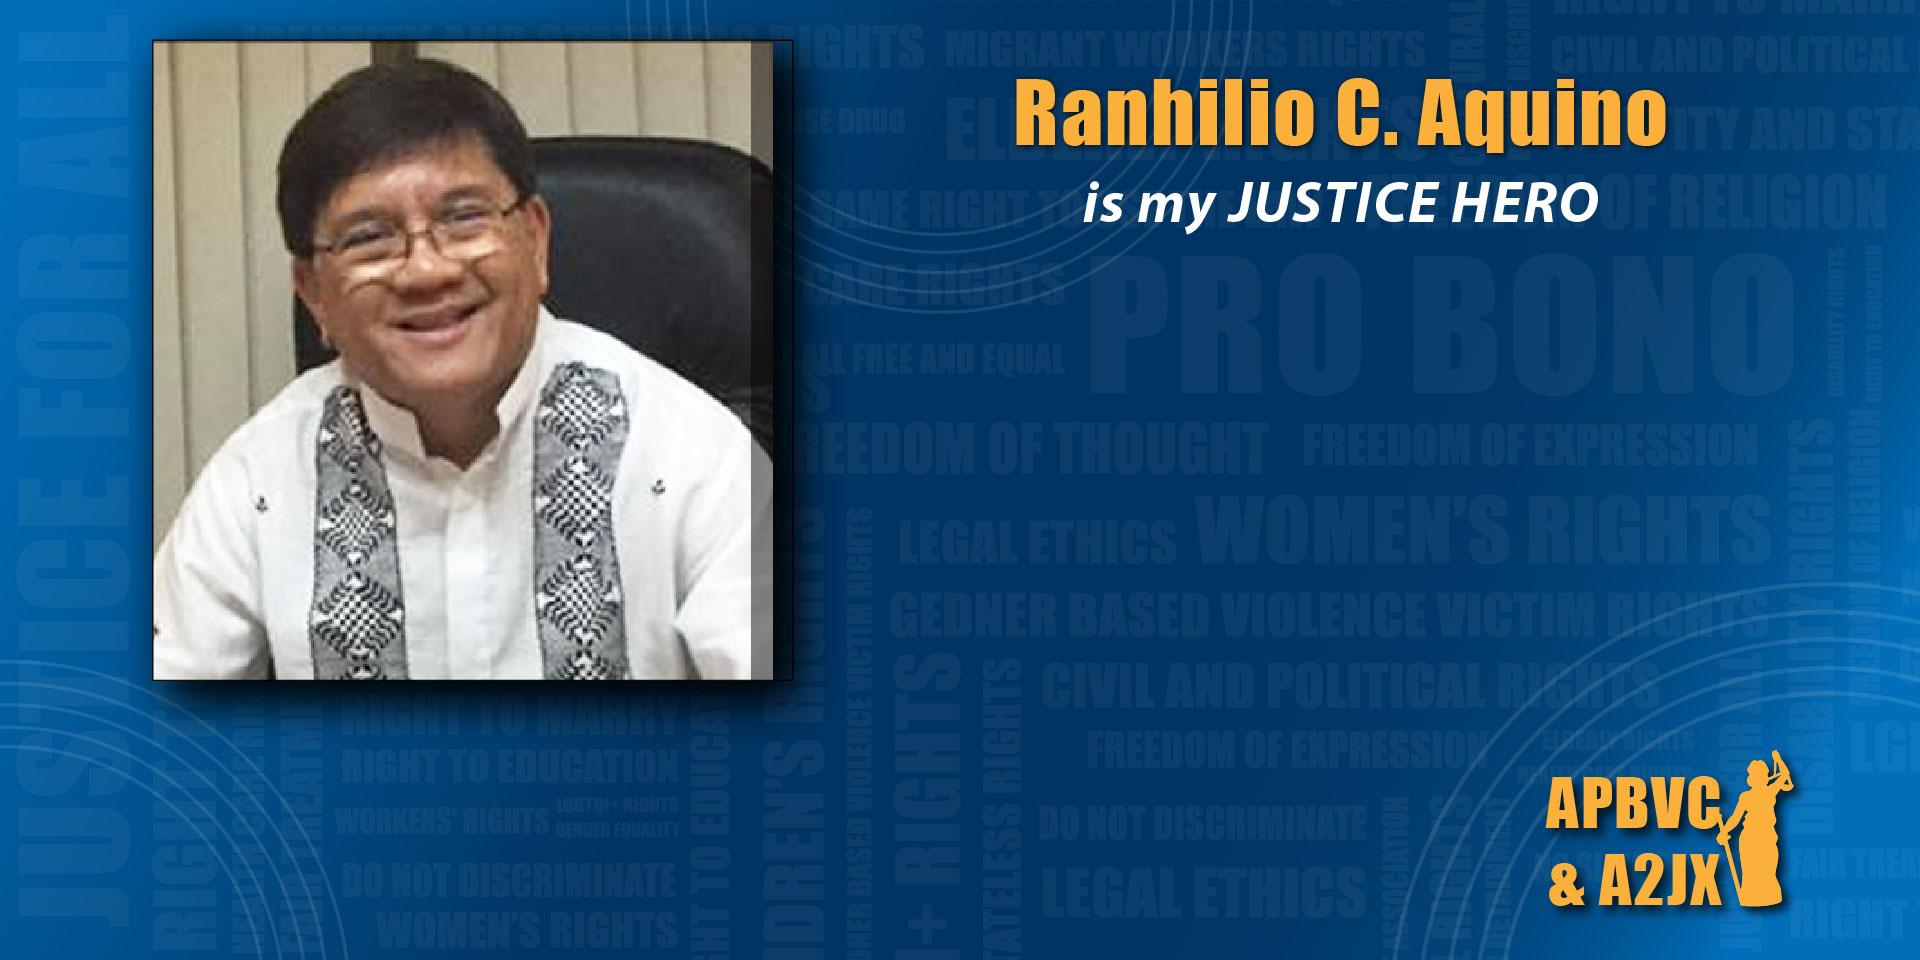 Ranhilio C. Aquino